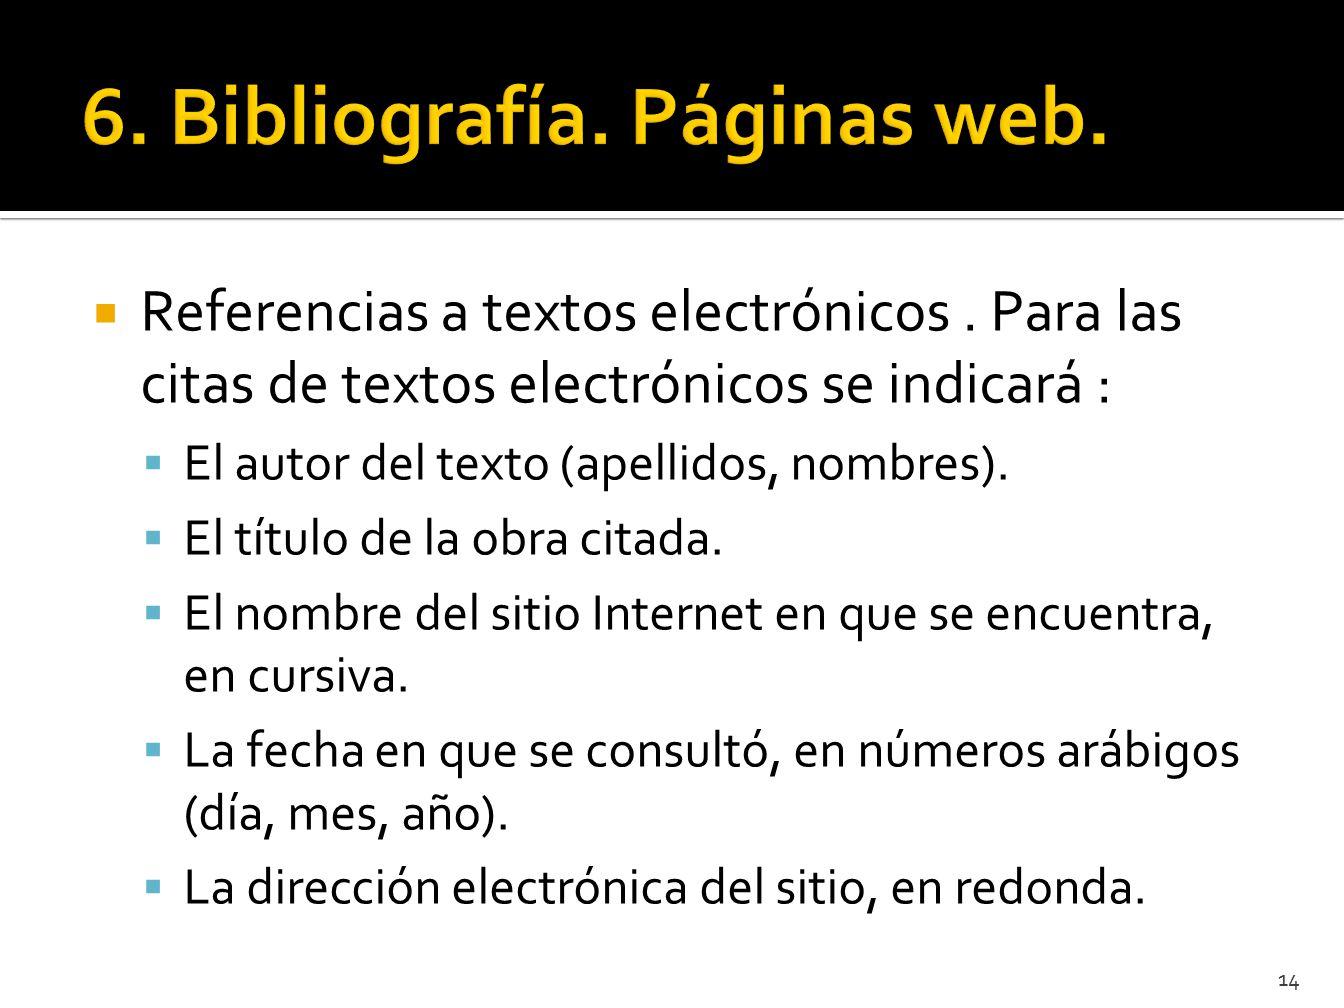 6. Bibliografía. Páginas web.